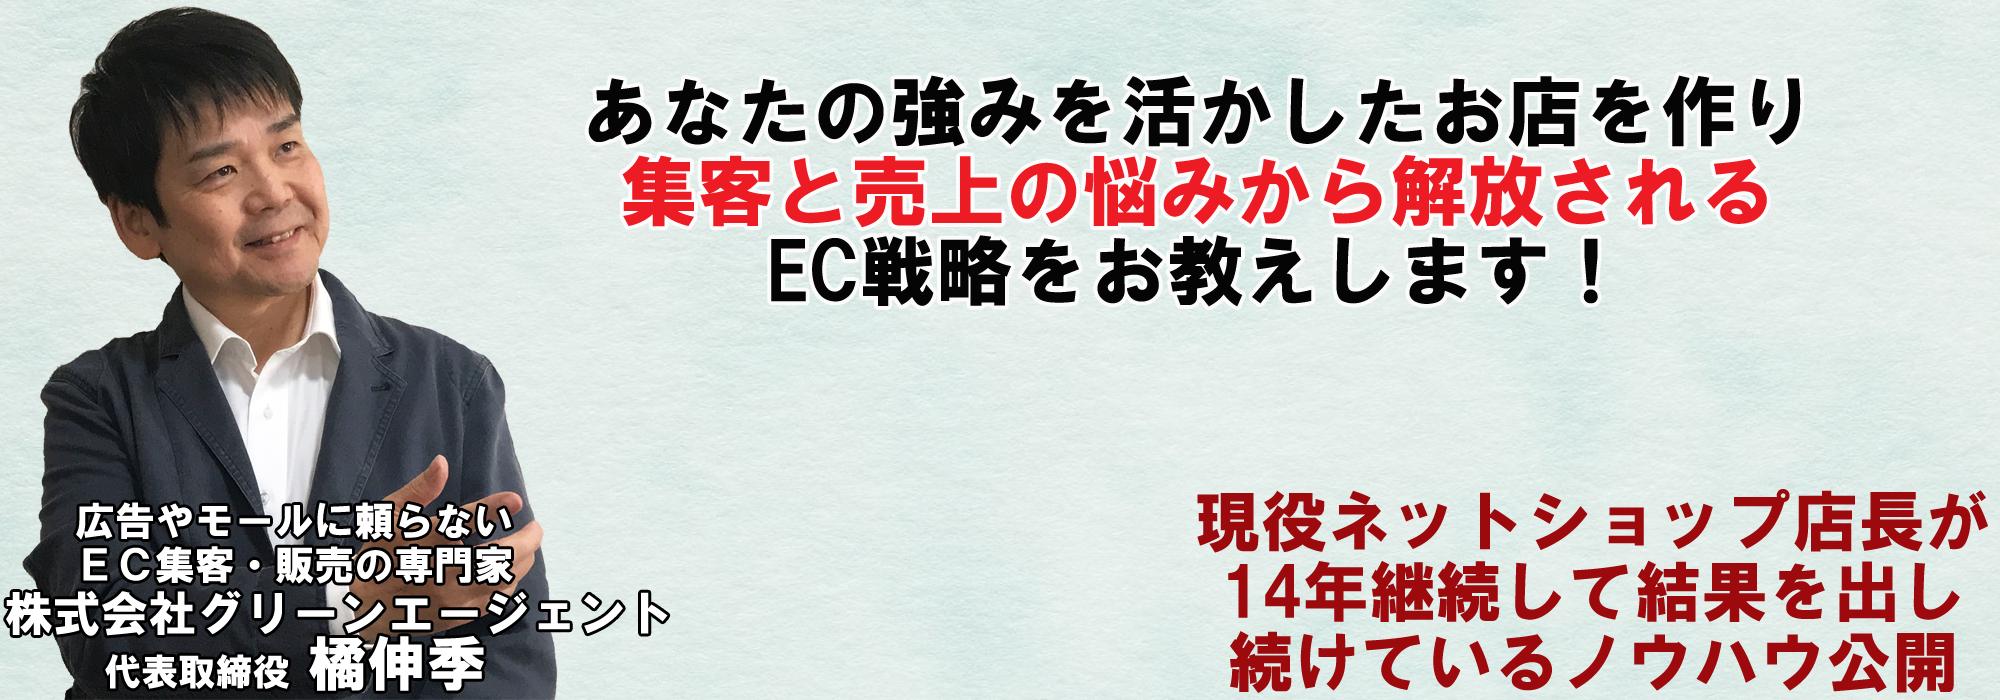 逆転のEC戦略